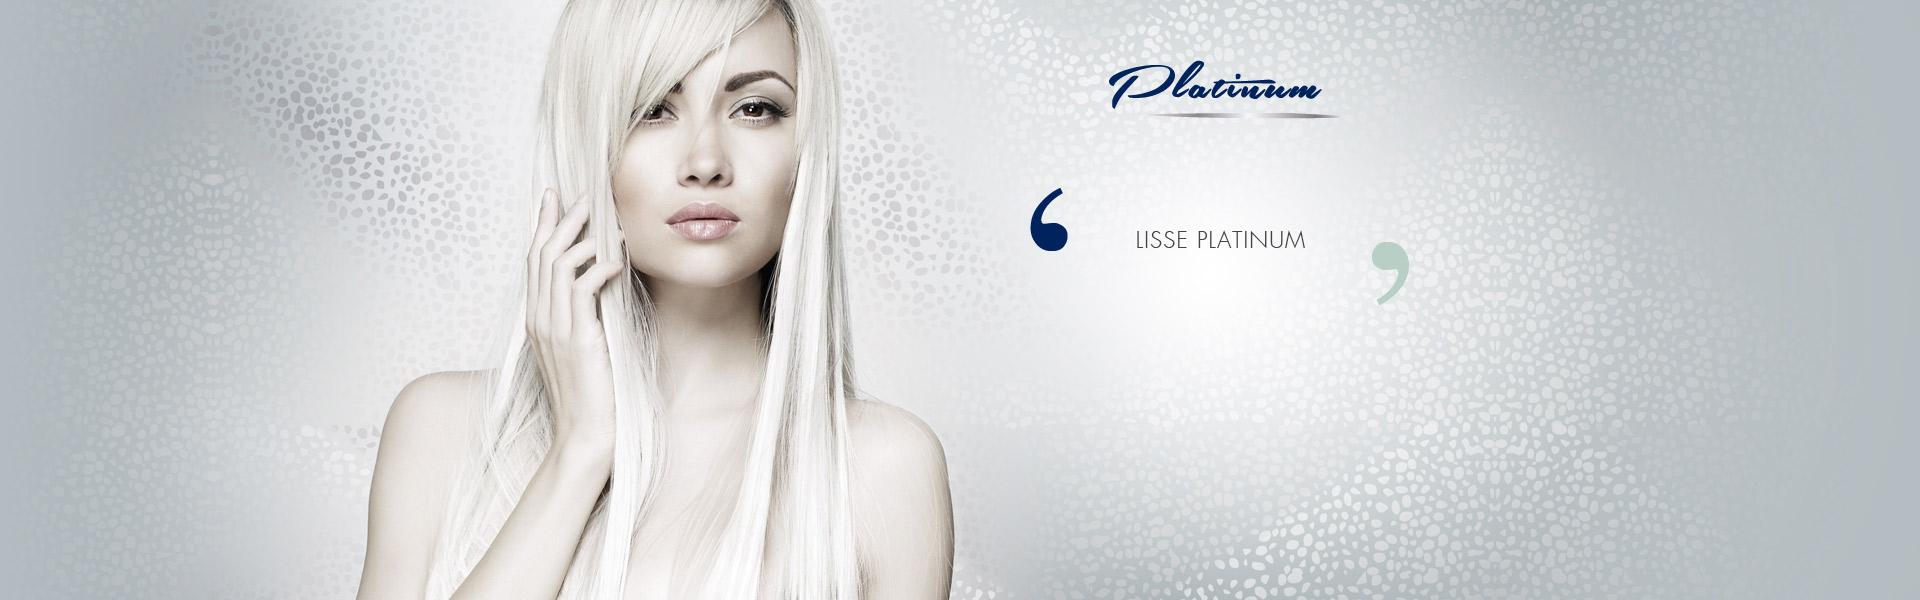 keratin plus platinum defrisage